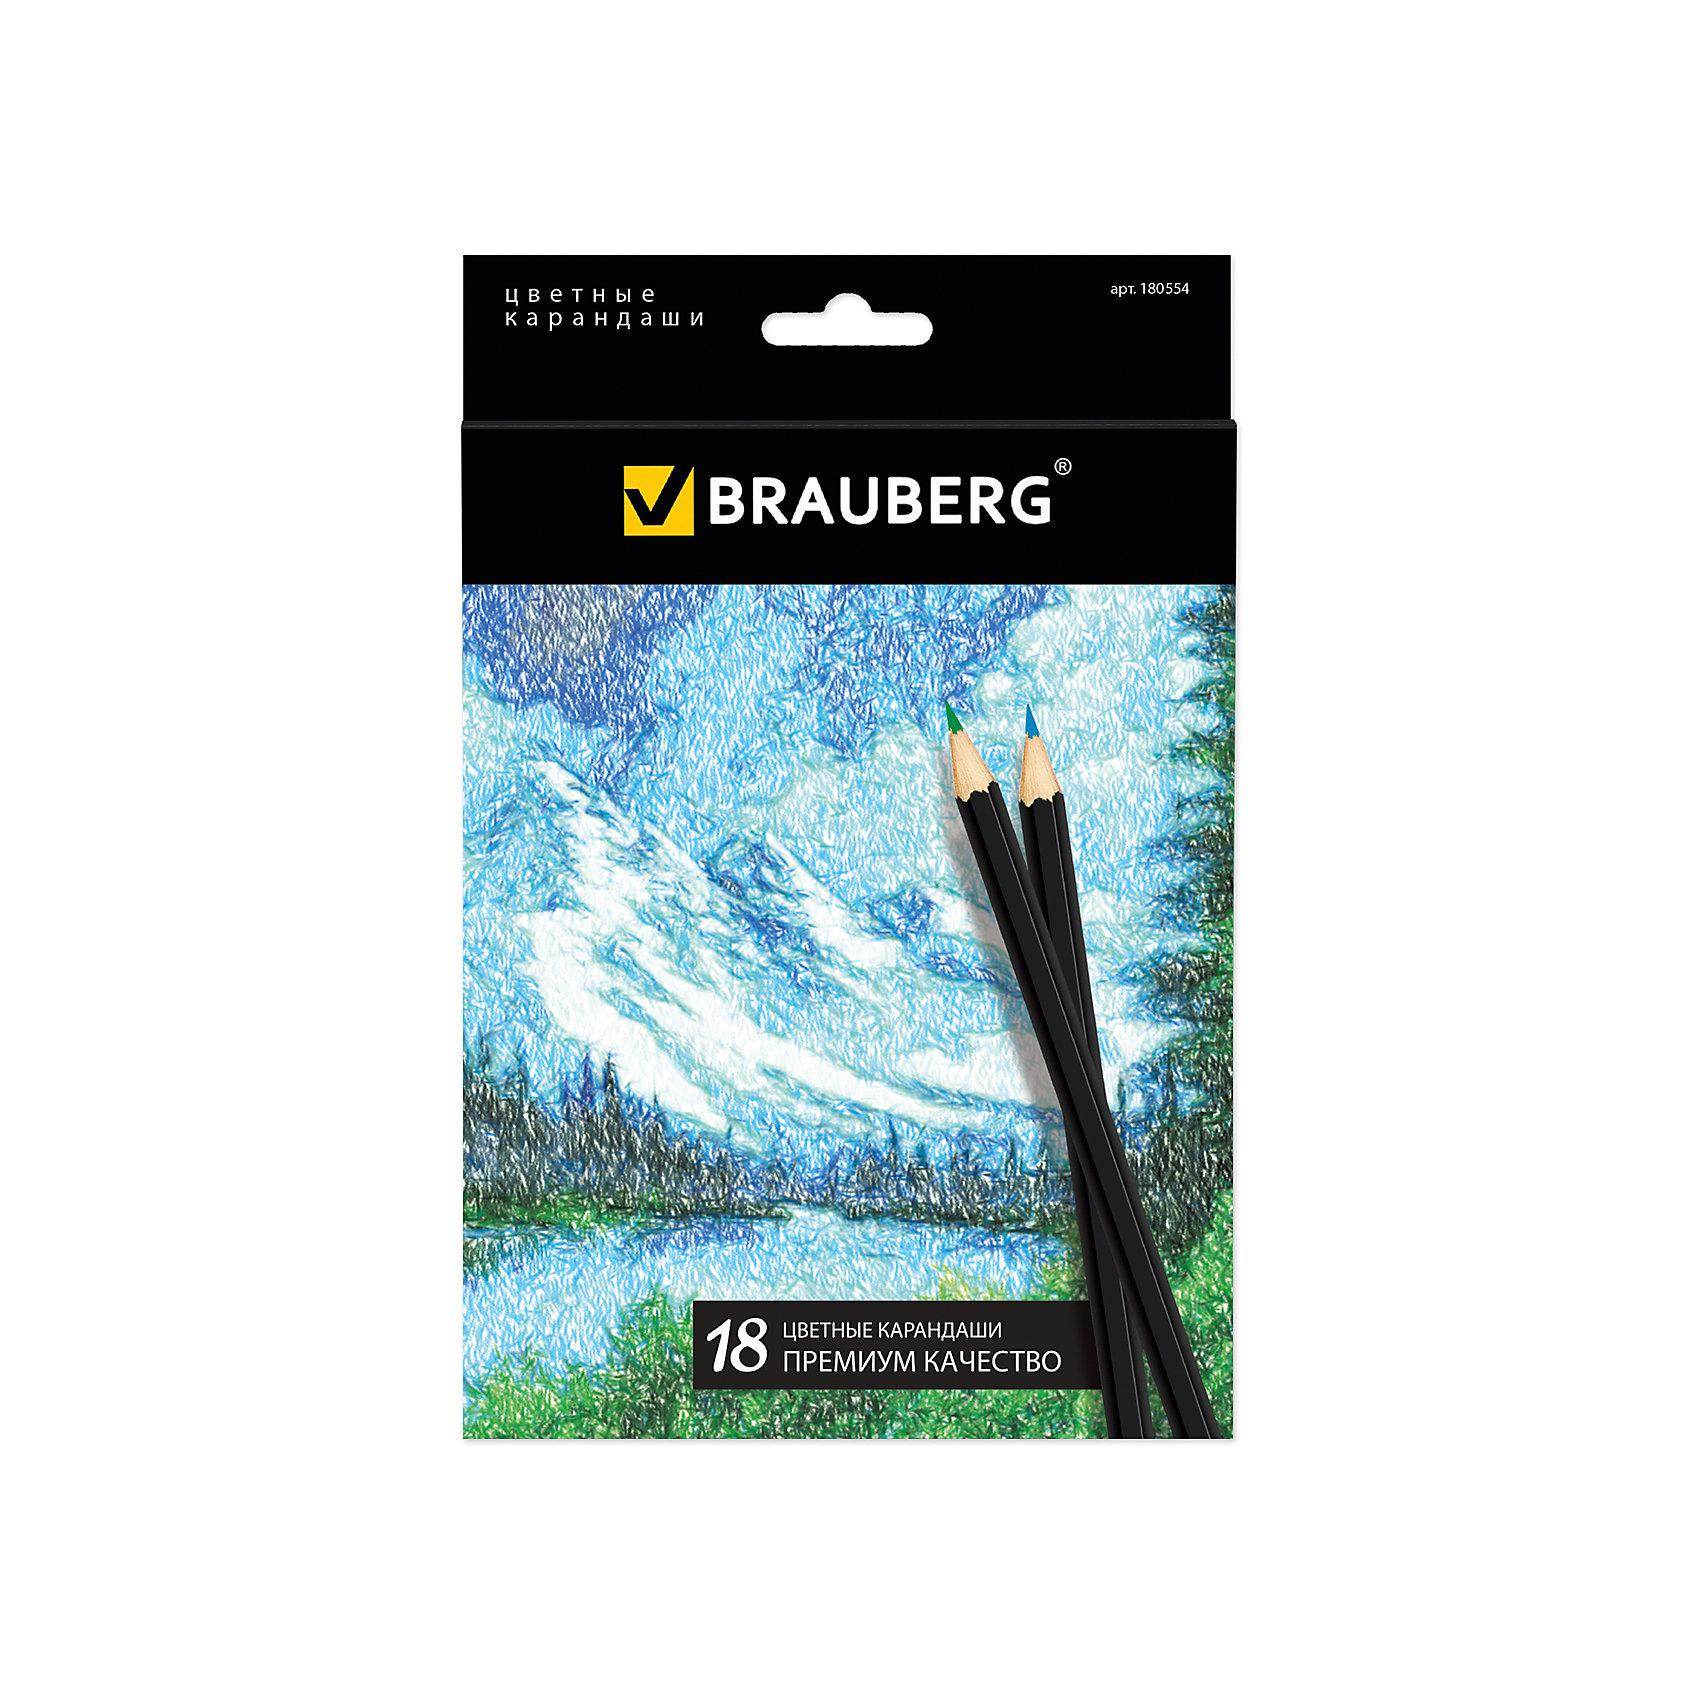 Цветные карандаши Artist line, 18 цв., BraubergНабор включает 18 карандашей премиум качества. Блеск, яркость и необыкновенная гладкость грифелей, изготовленных по специальной формуле, отвечают наивысшим требованиям. Ценная порода древесины, из которой сделан карандаш, гарантирует легкую заточку.<br><br>Дополнительная информация: <br><br>- 18 цветов.<br>- Размер упаковки: 20х13,5х 0,8 см.<br>- Вес в упаковке: 128 г.<br><br>Цветные карандаши Artist line Brauberg, можно купить в нашем магазине.<br><br>Ширина мм: 200<br>Глубина мм: 135<br>Высота мм: 8<br>Вес г: 128<br>Возраст от месяцев: 72<br>Возраст до месяцев: 2147483647<br>Пол: Унисекс<br>Возраст: Детский<br>SKU: 4792665